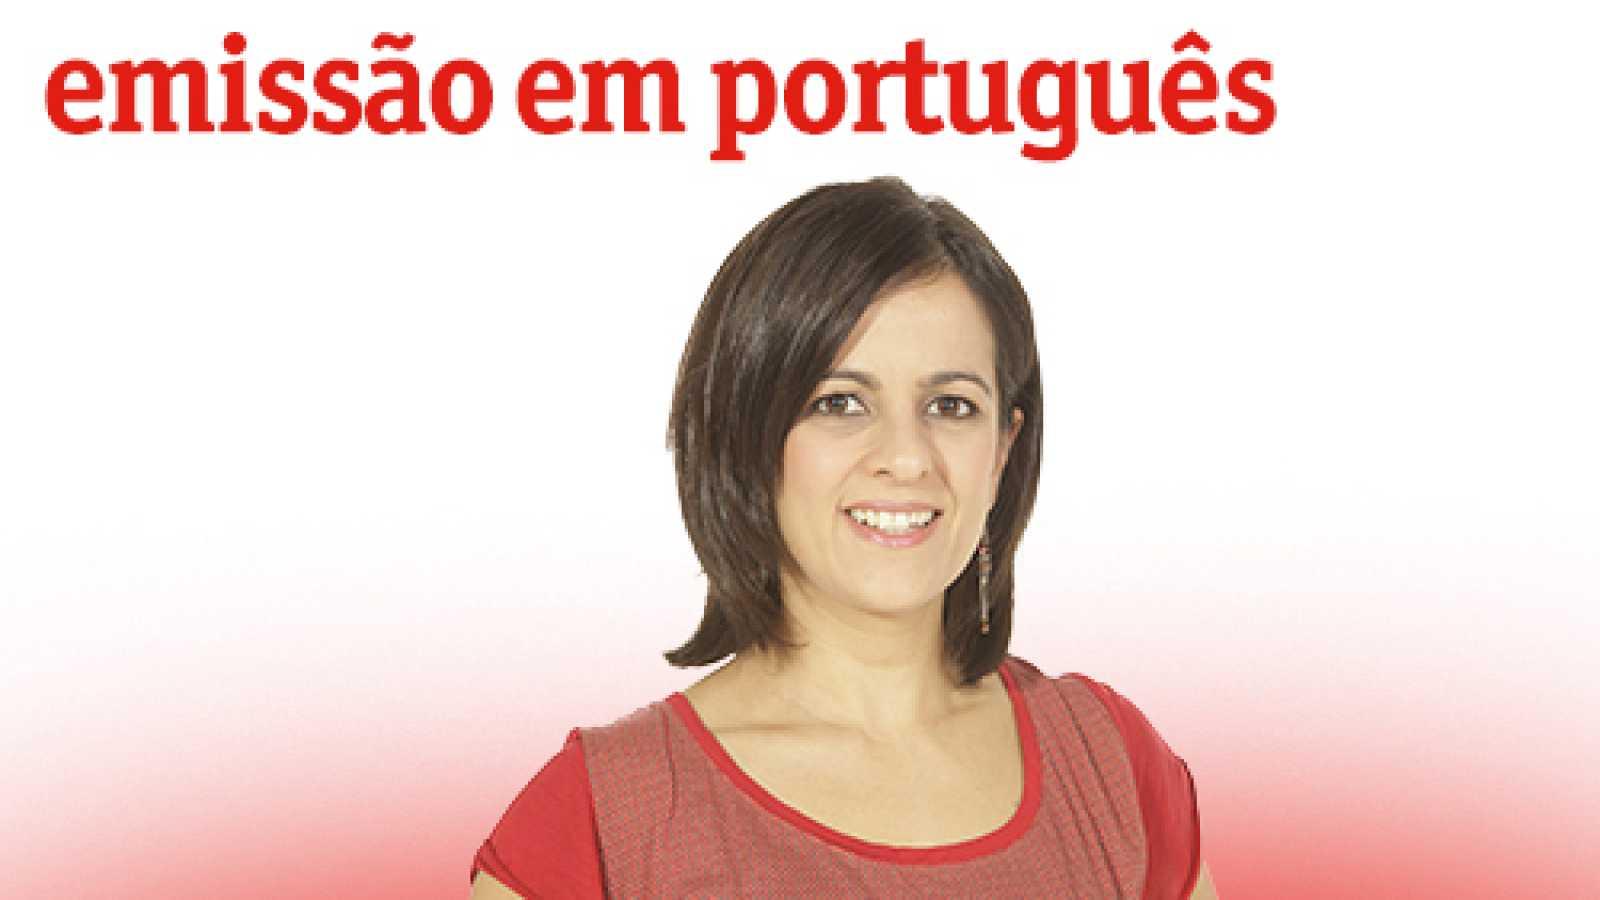 Emissão em português - Nova normalidade obriga arquiteta a reavaliar planos na Espanha - 24/06/20 - escuchar ahora